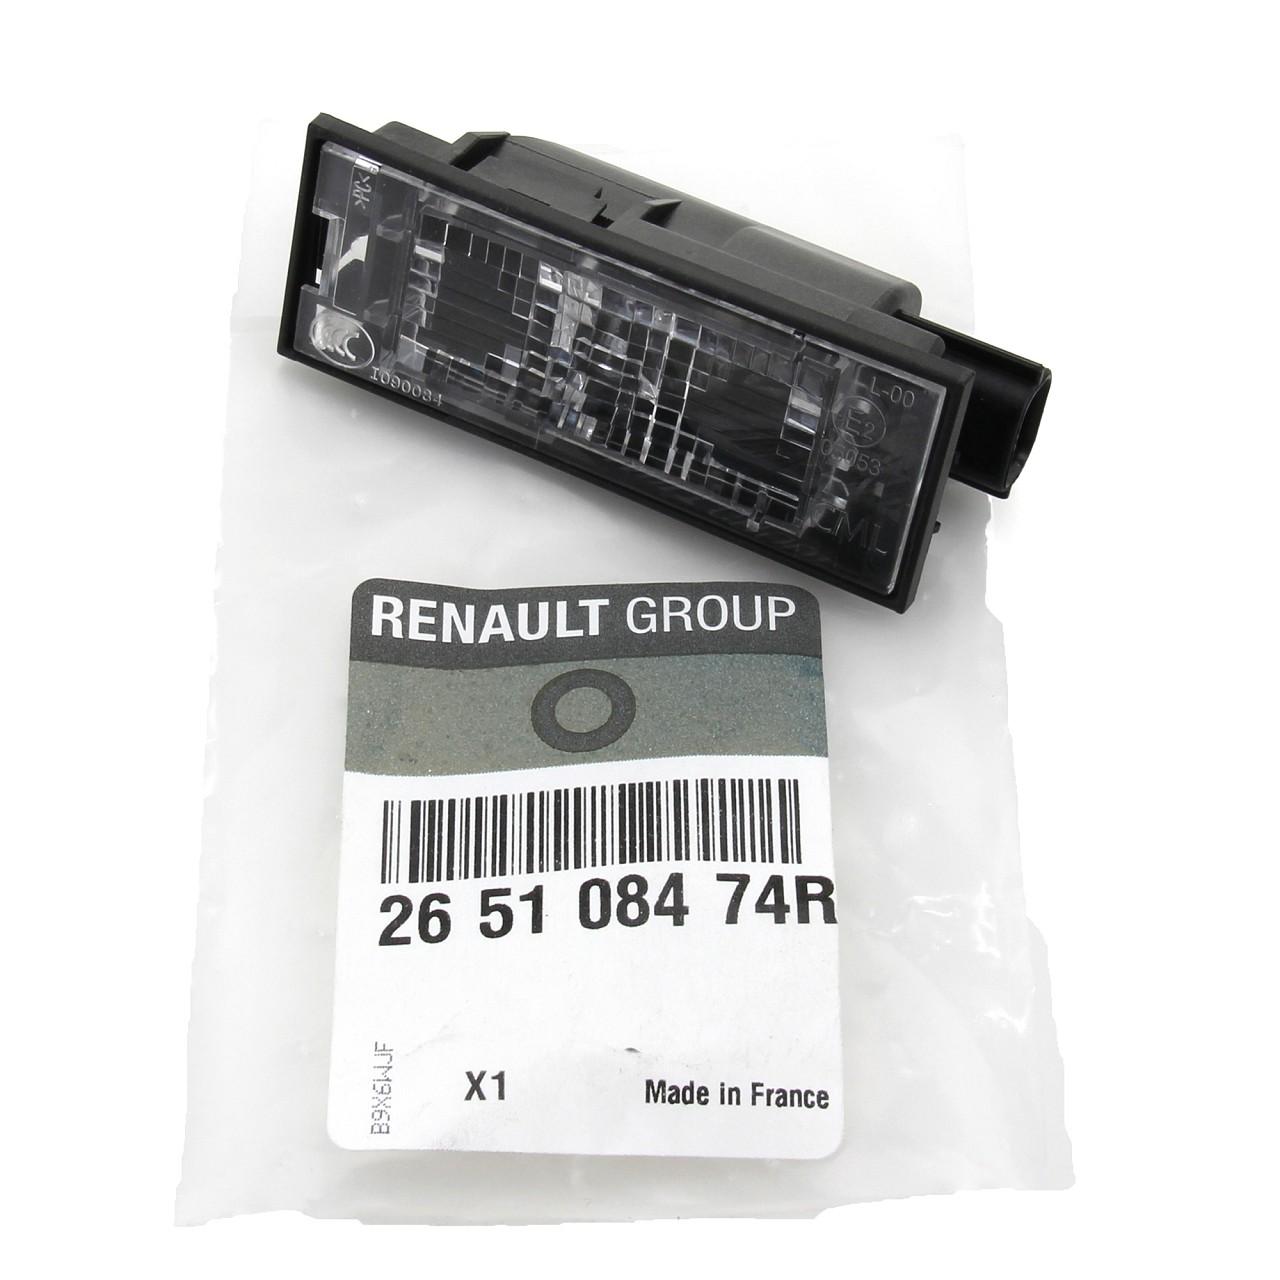 ORIGINAL Renault Kennzeichenleuchte Nummernschildleuchte Megane III 265108474R